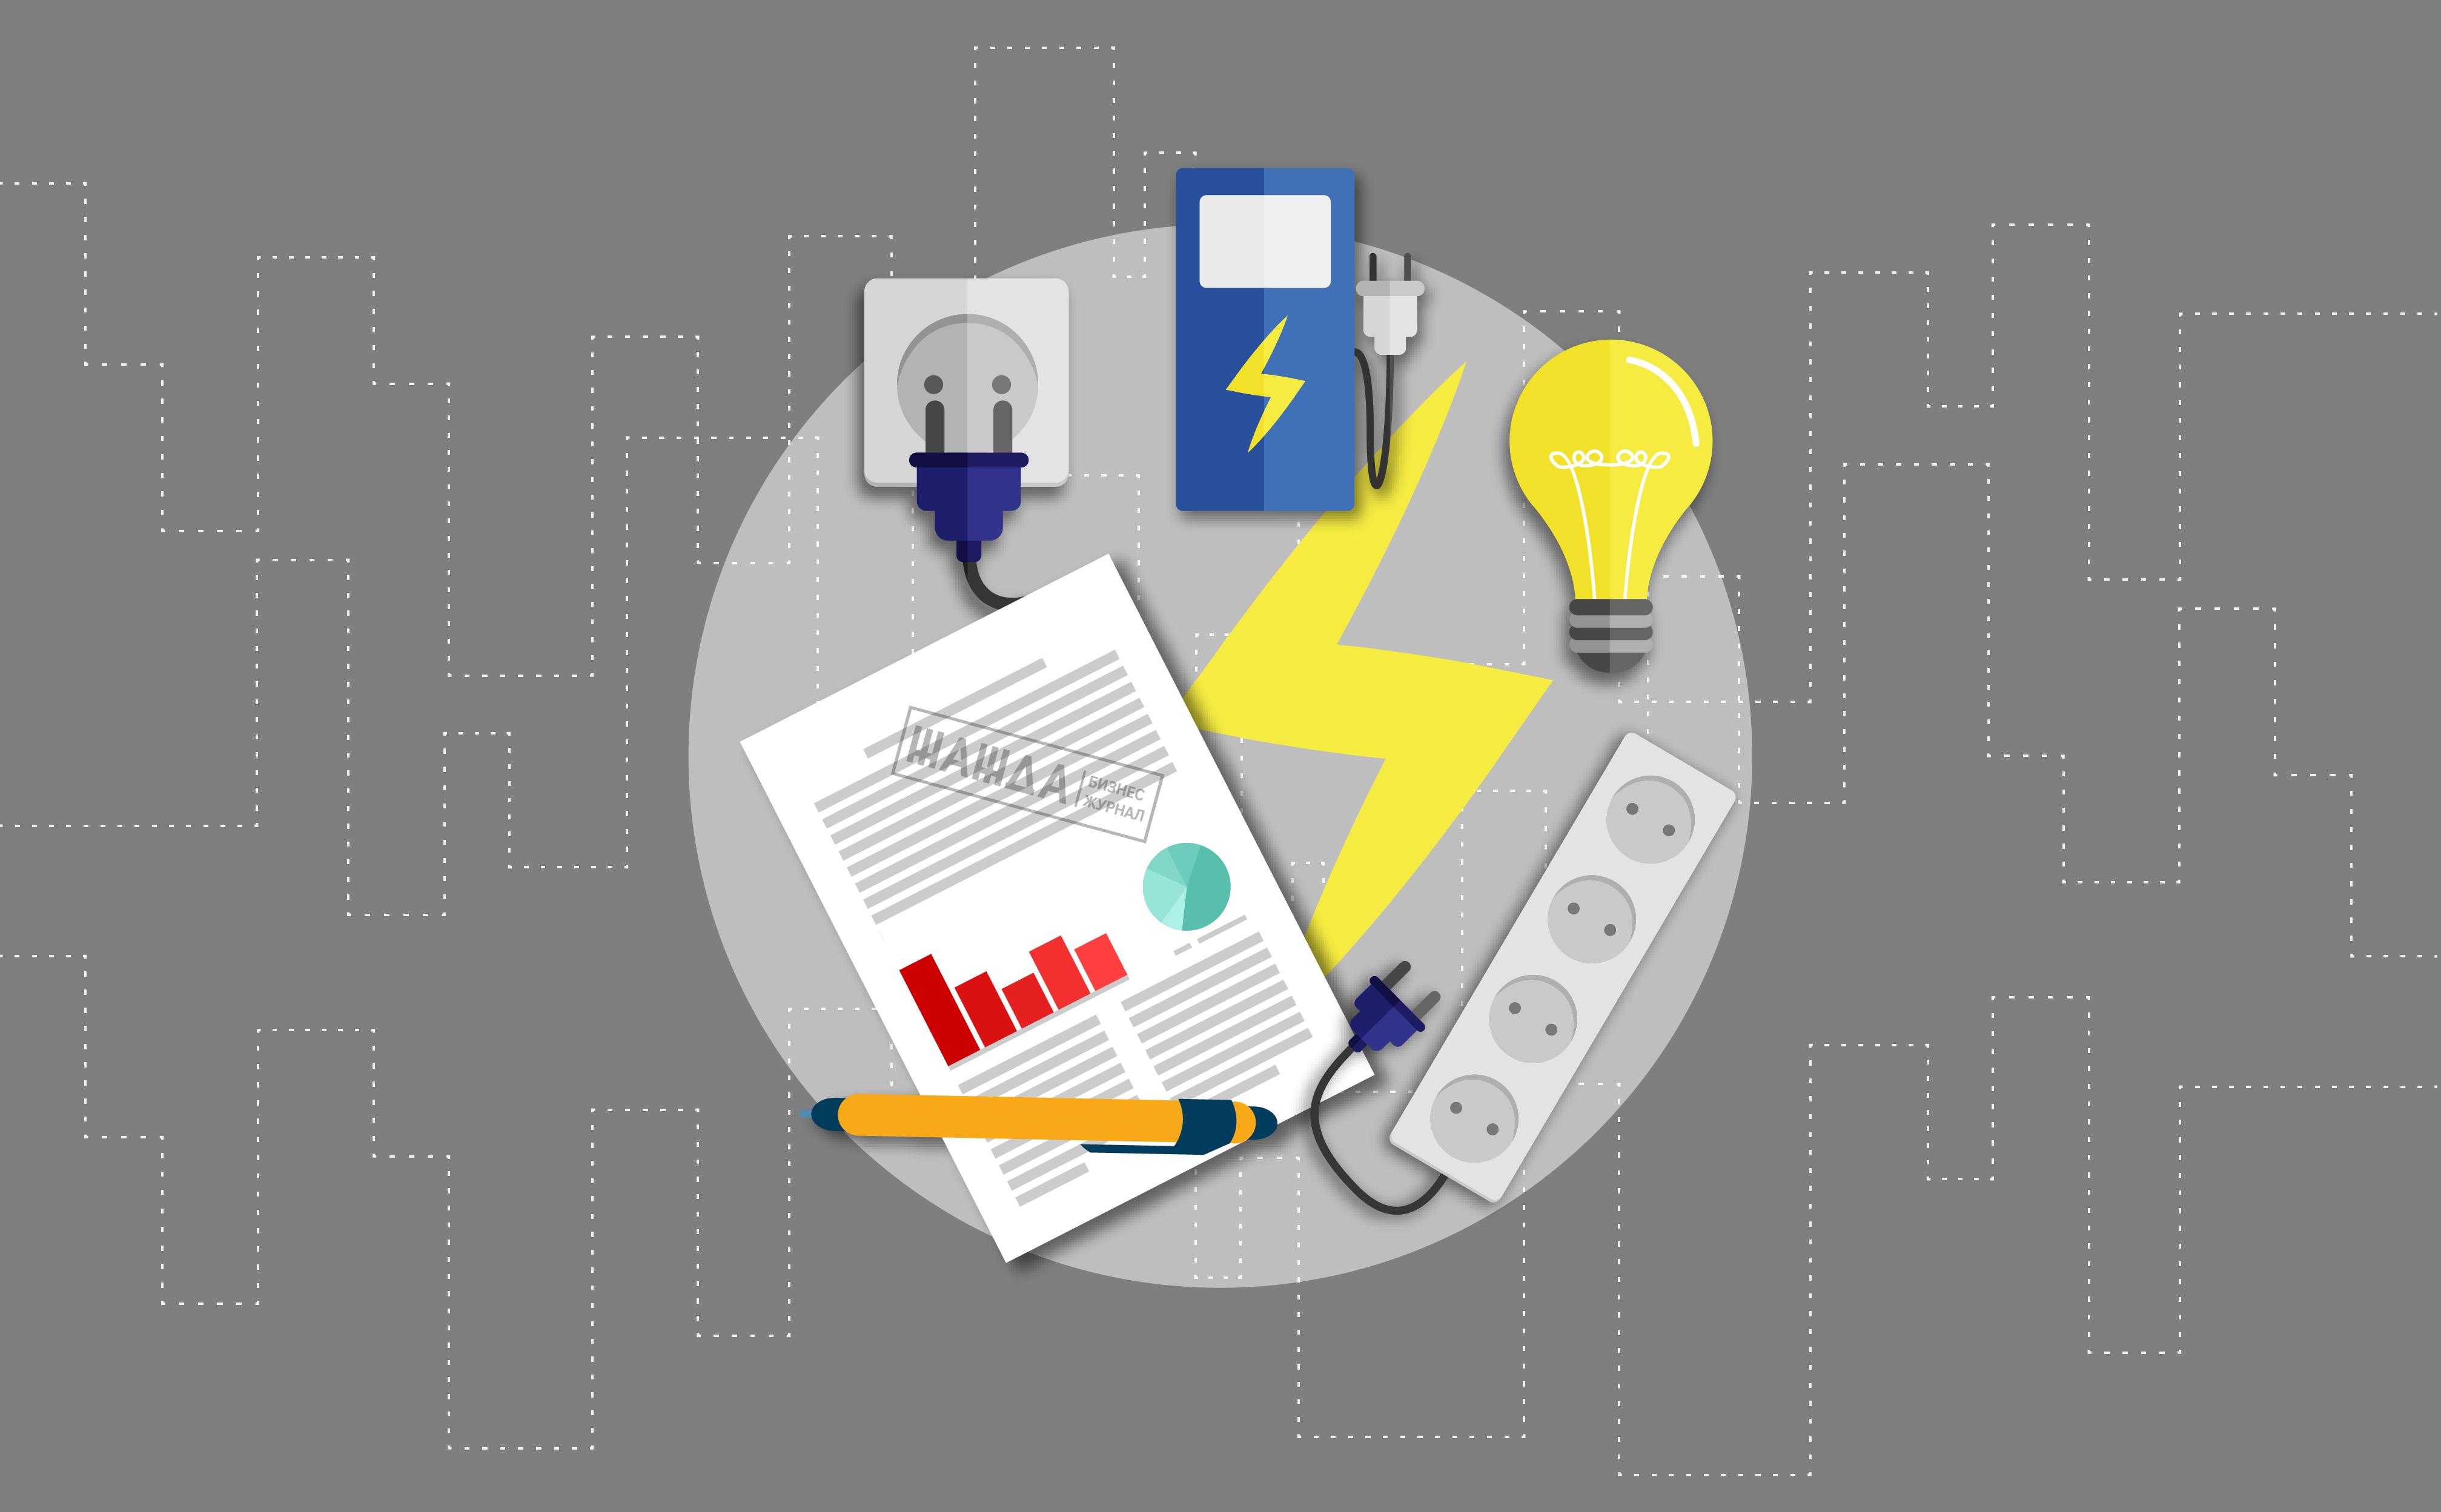 Идеи бизнеса электрики поиск готовый бизнес план